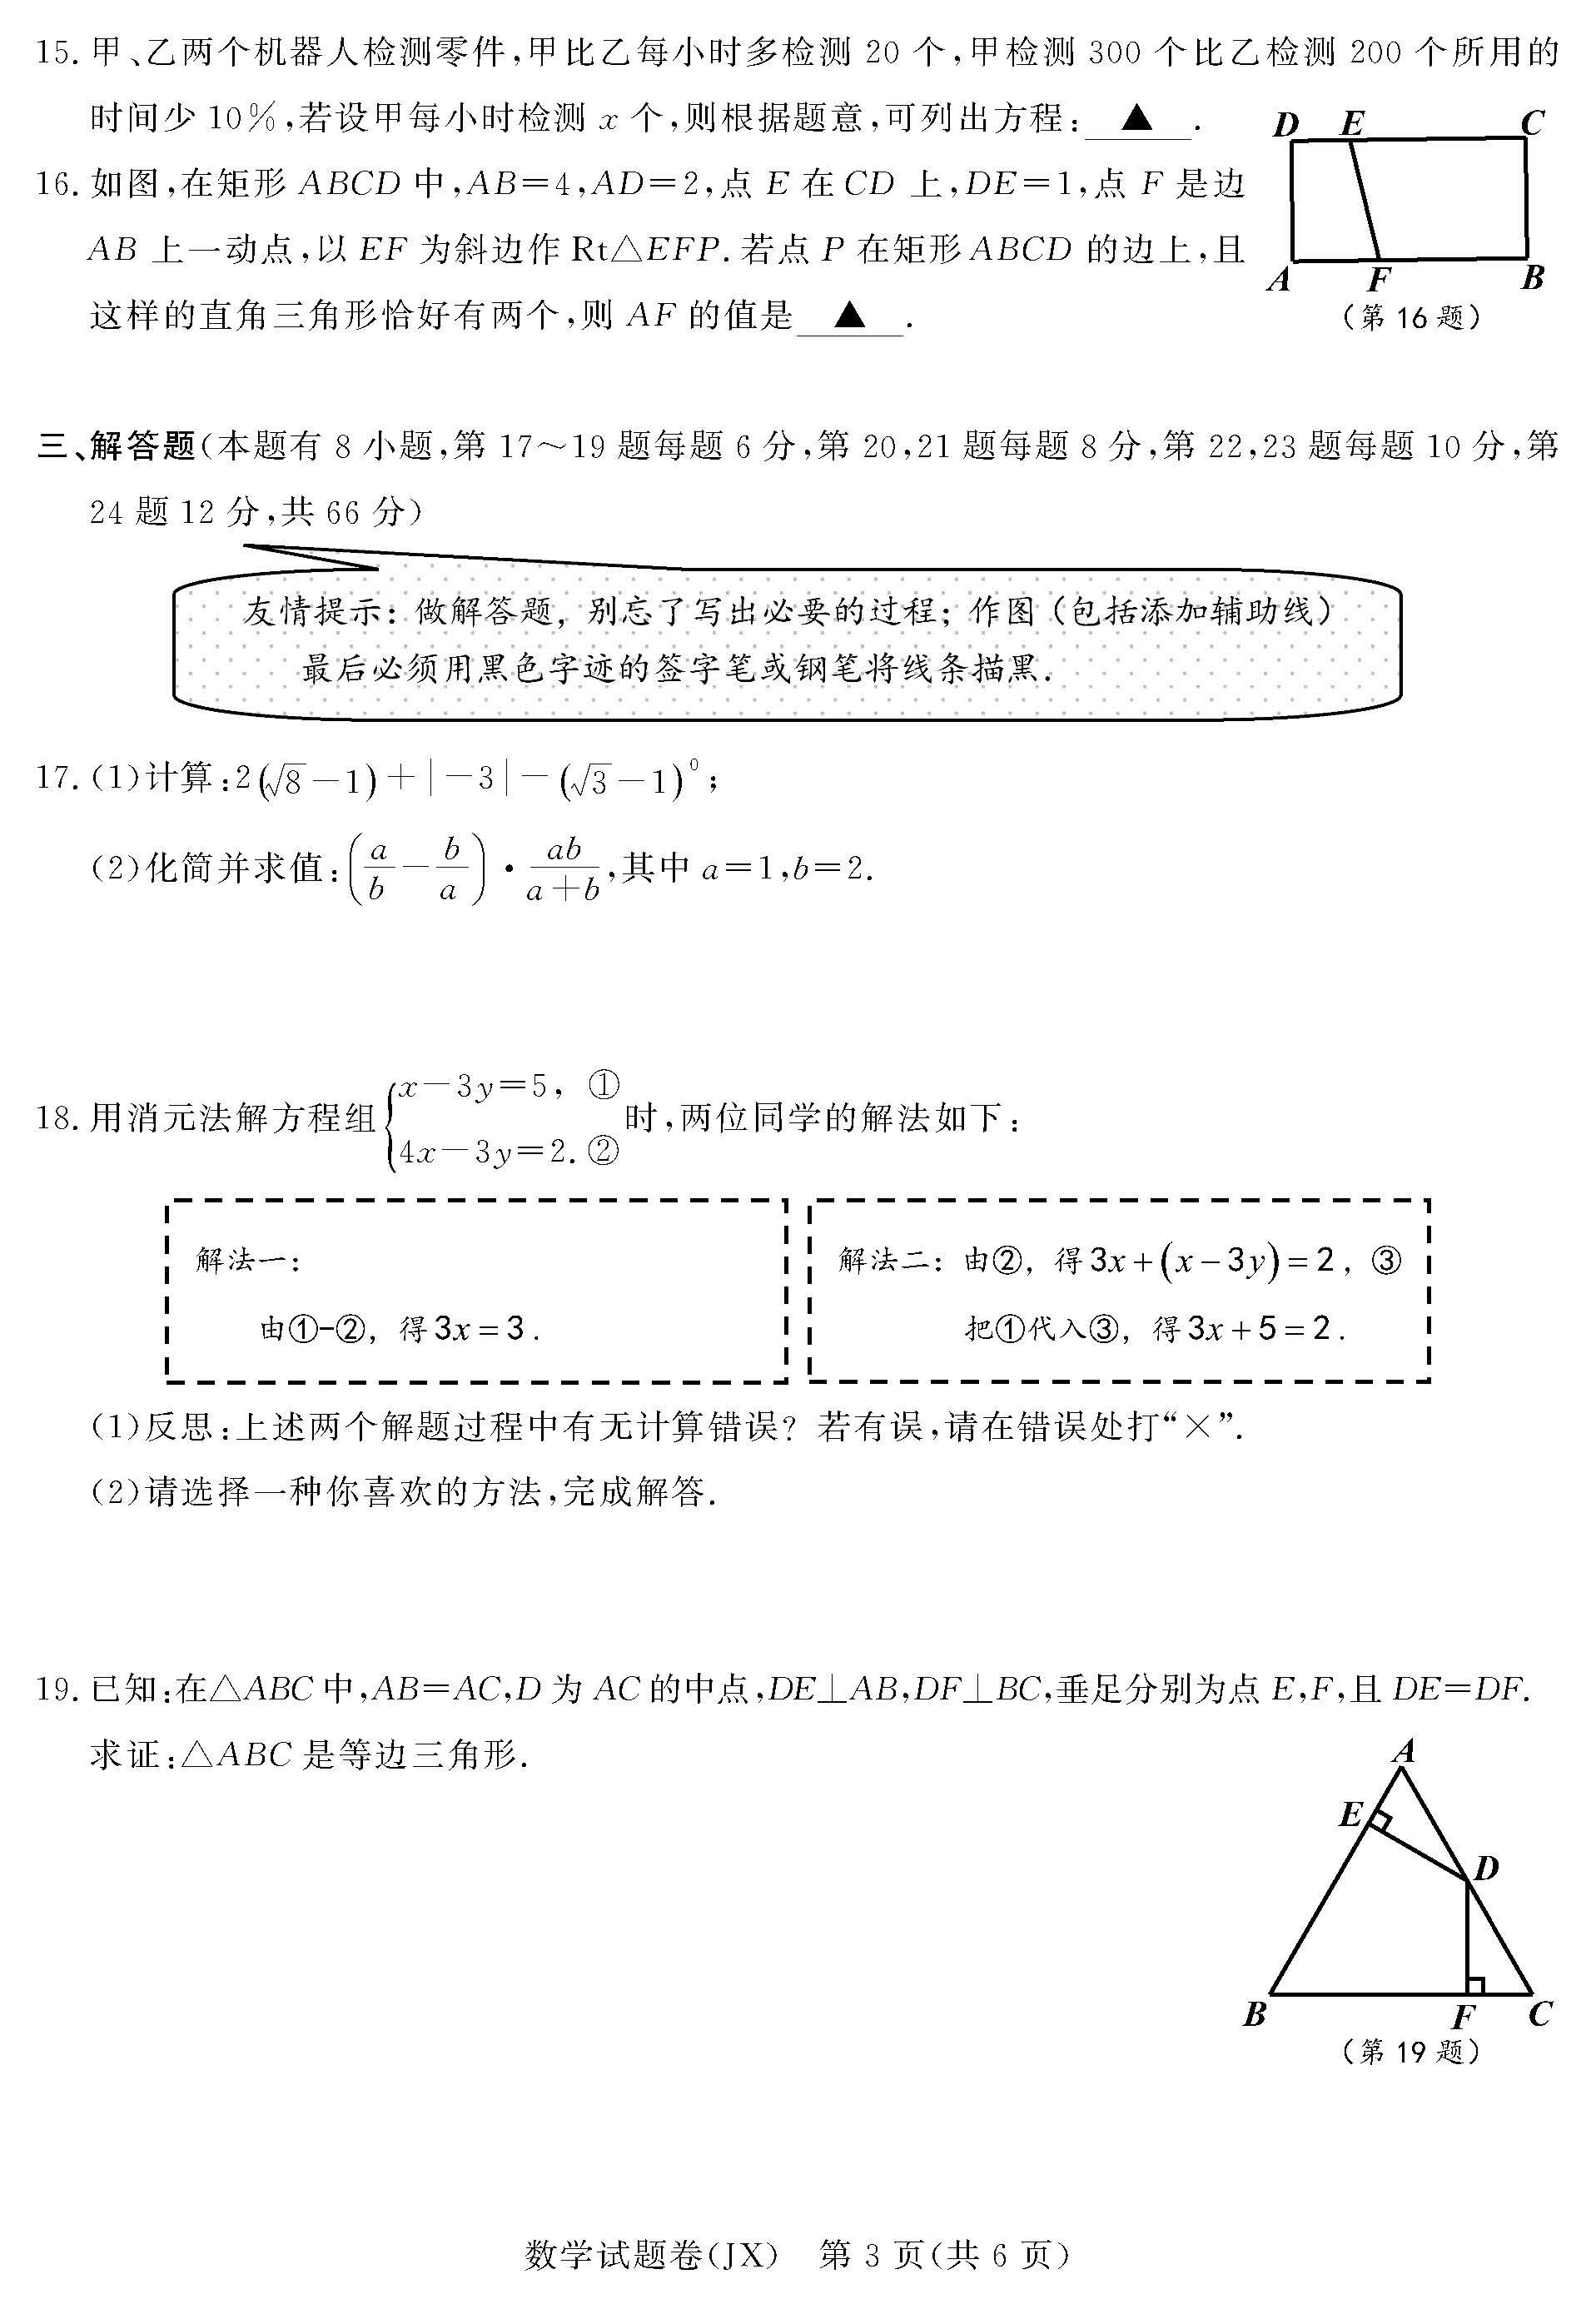 2018年浙江嘉兴中考数学真题及答案已公布